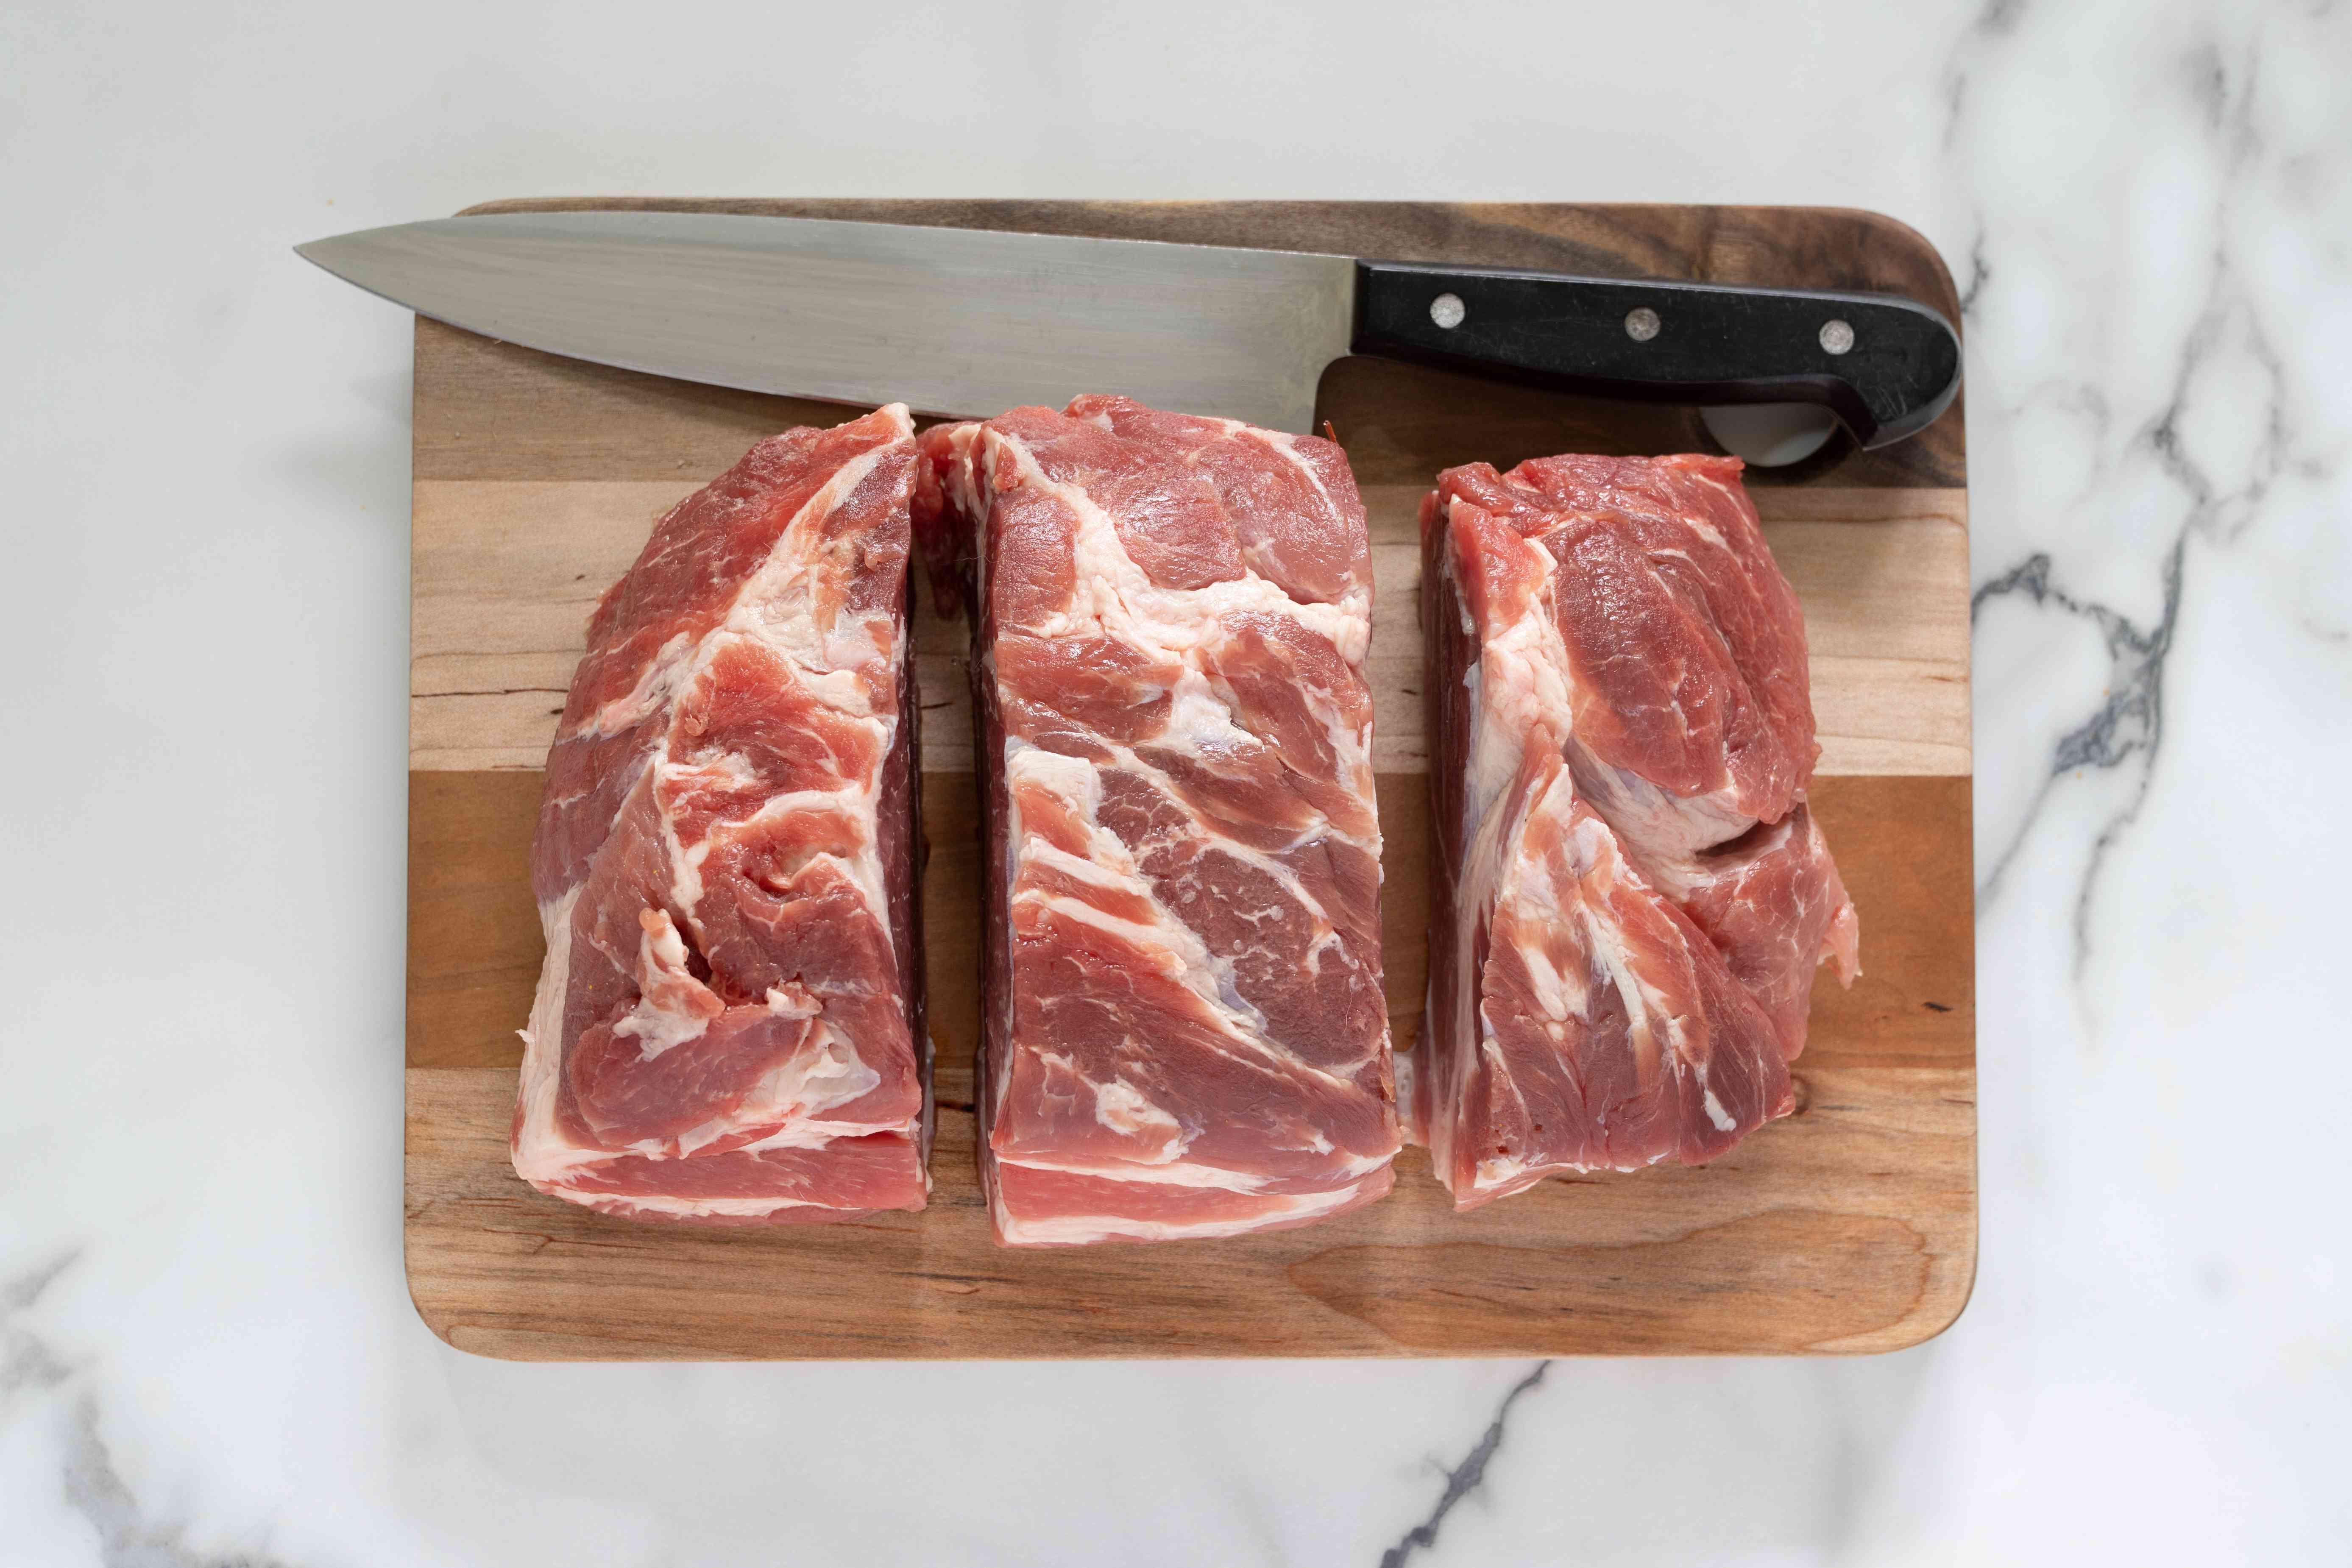 Raw pork shoulder cut into chunks